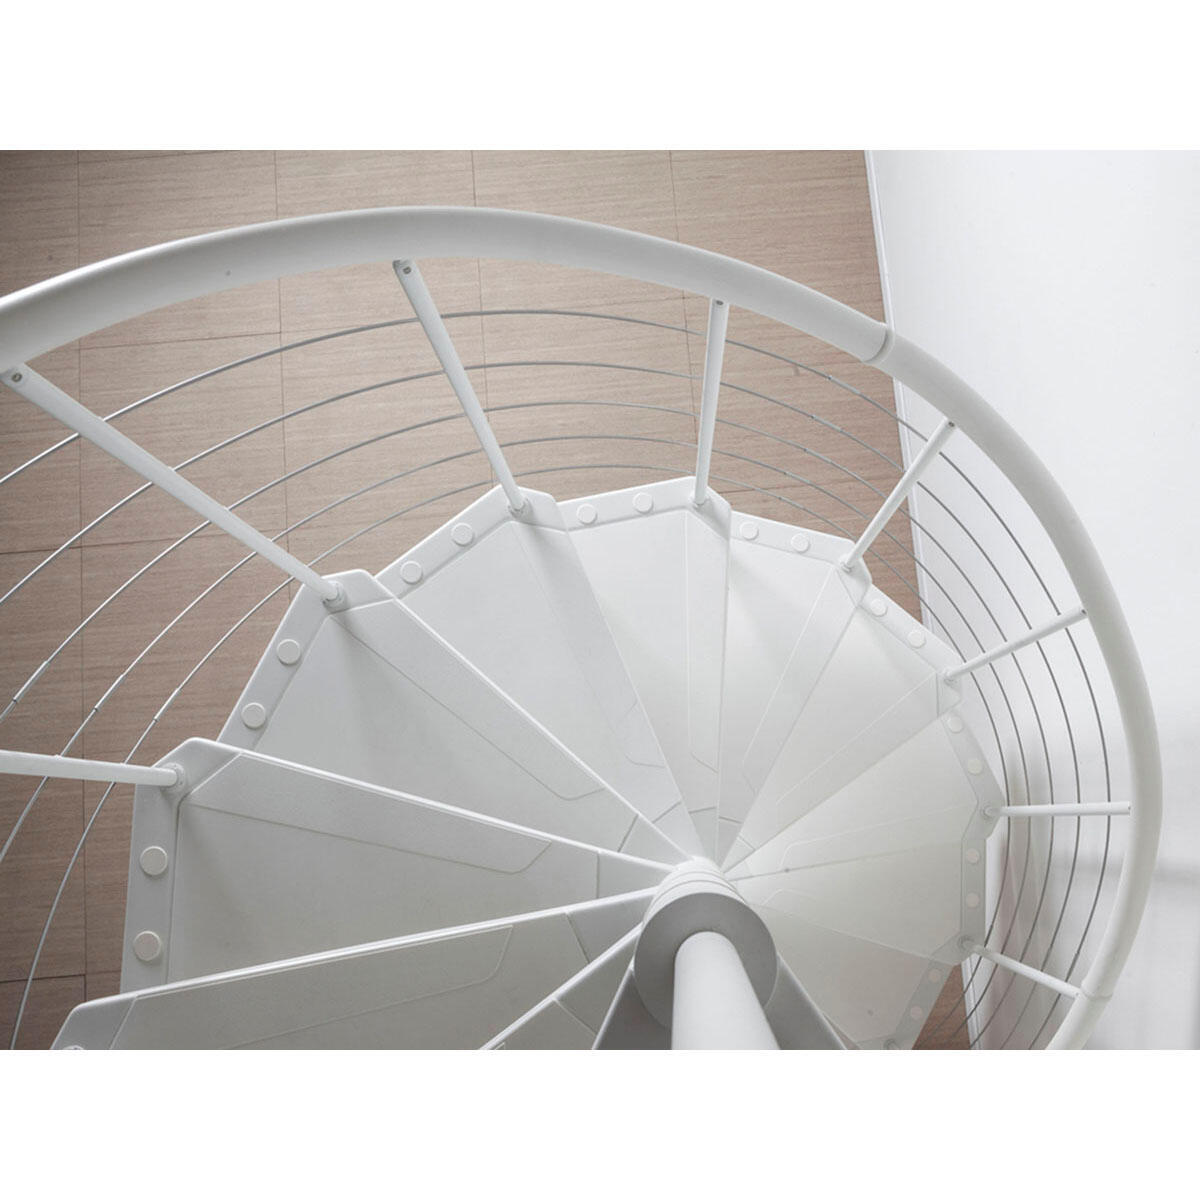 Scala a chiocciola tonda Gexi FONTANOT L 160 cm, gradino bianco, struttura bianco - 2